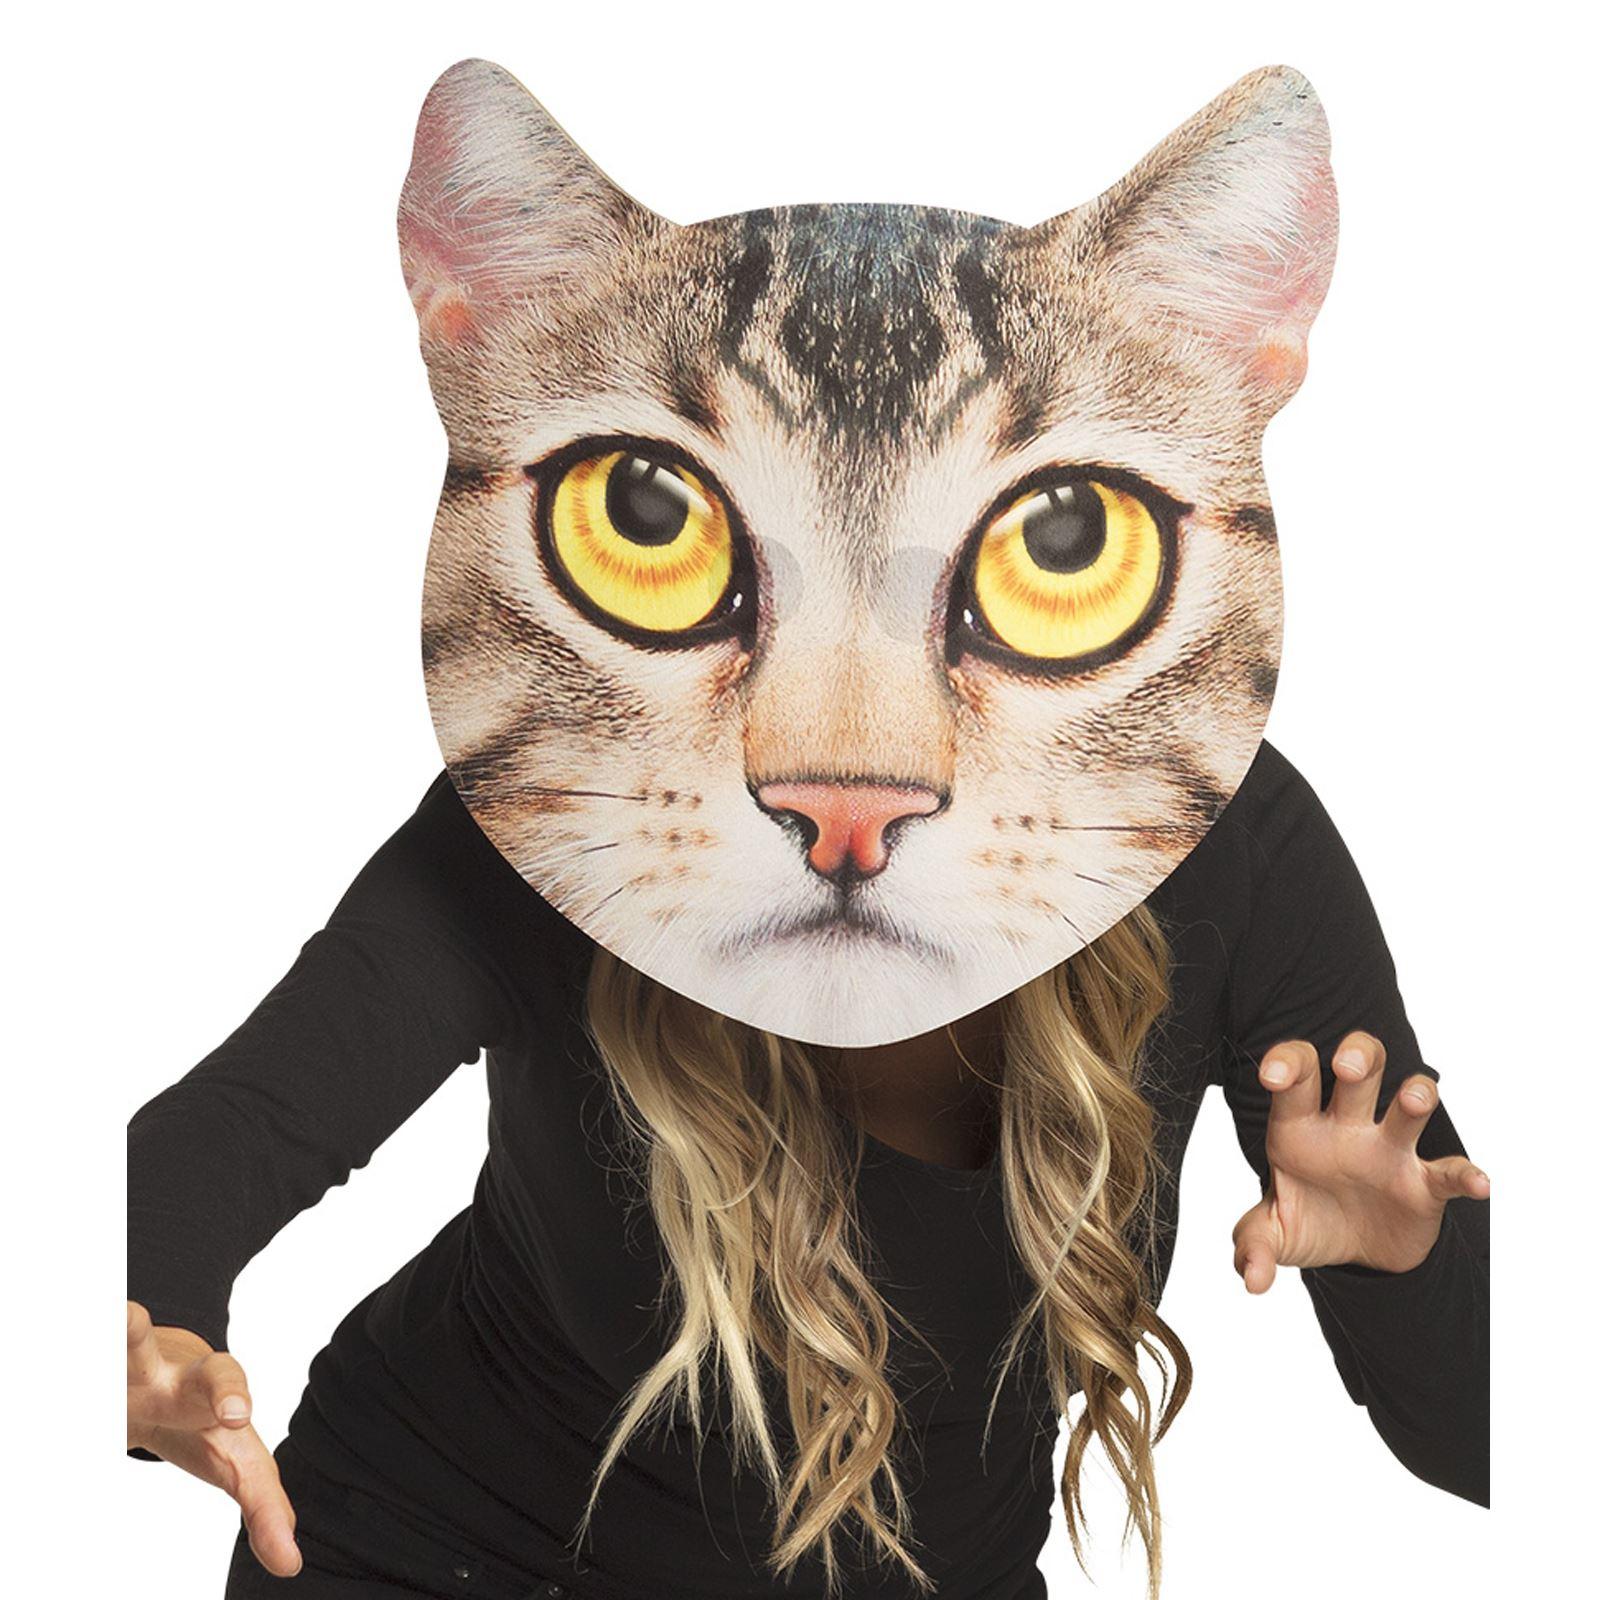 Géant Chat Chien Carlin réaliste Plat Animal Masque grosse tête en mousse EVA Drôle Blague